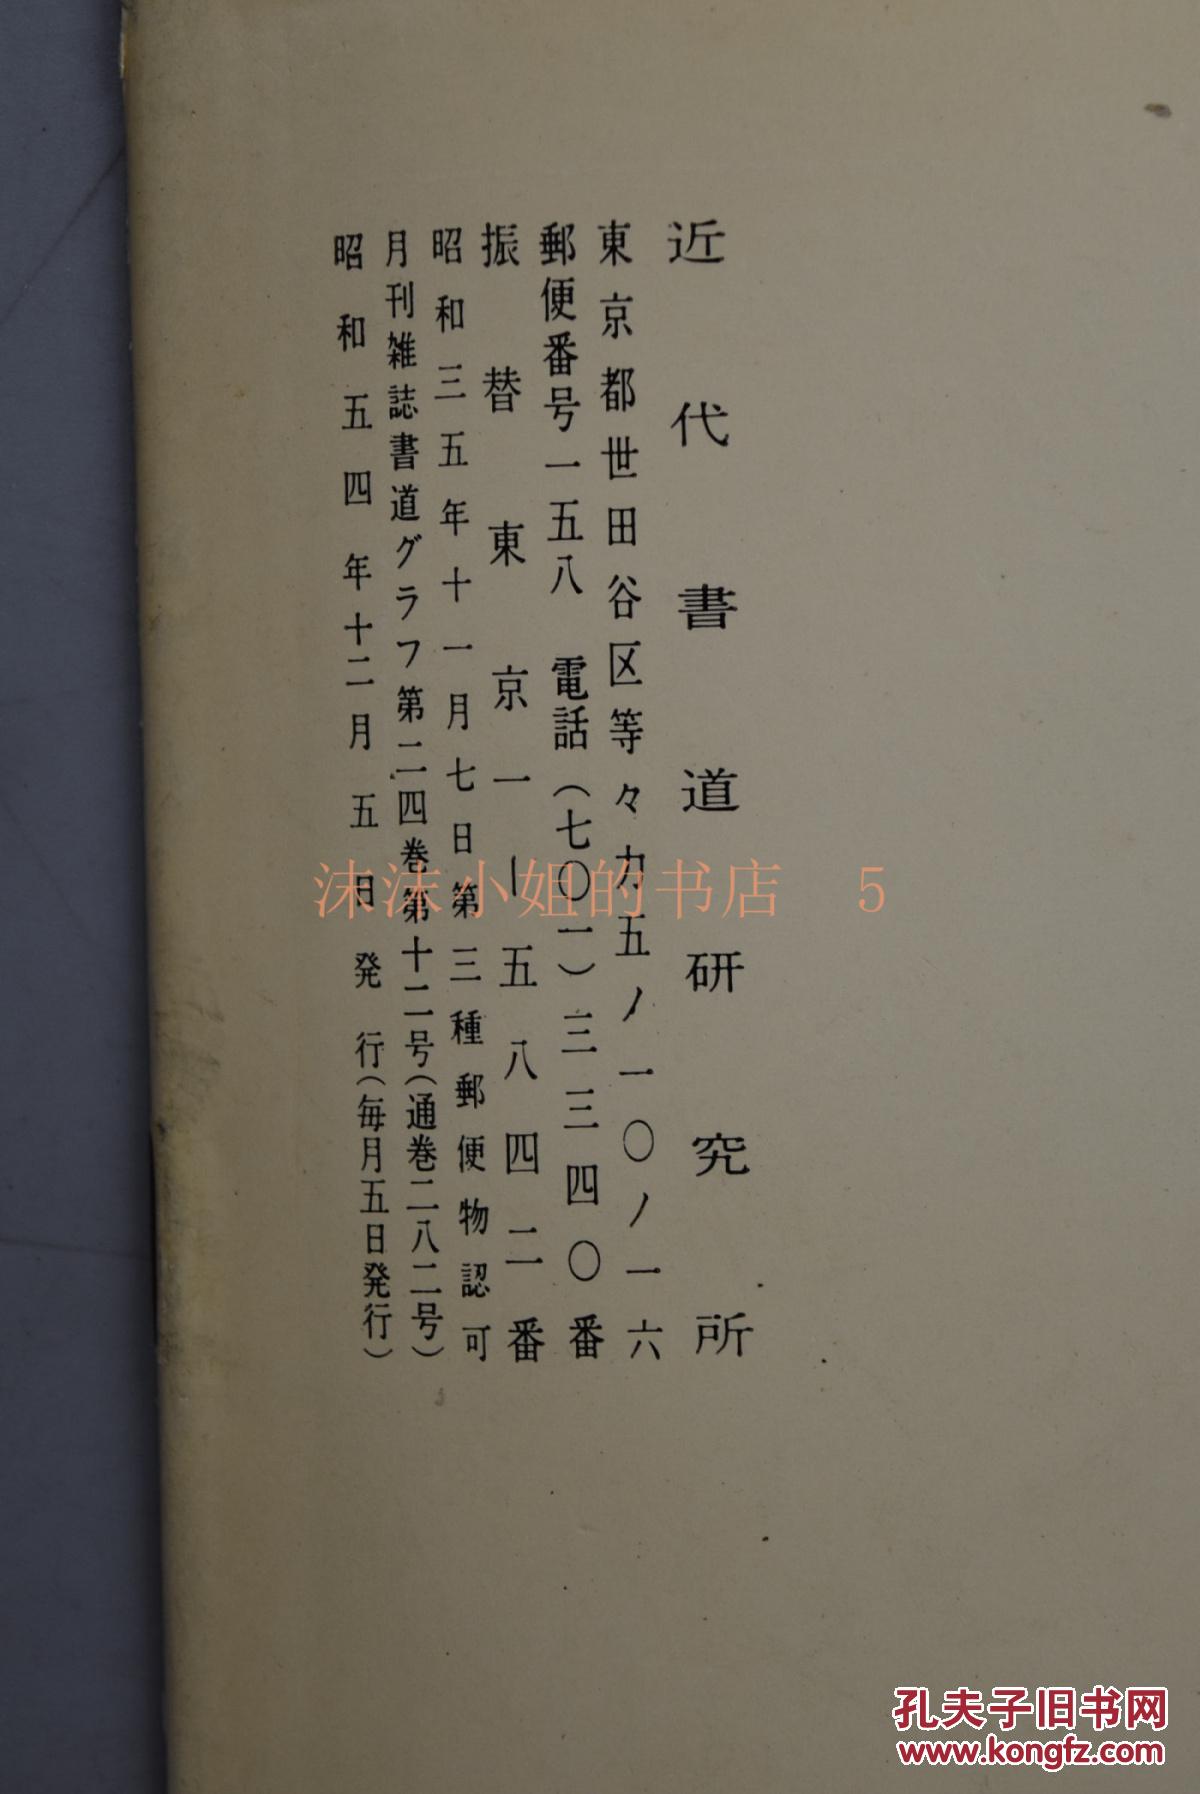 《书道》特集一汉代以前的书写文字 书内展示了侯马盟图片